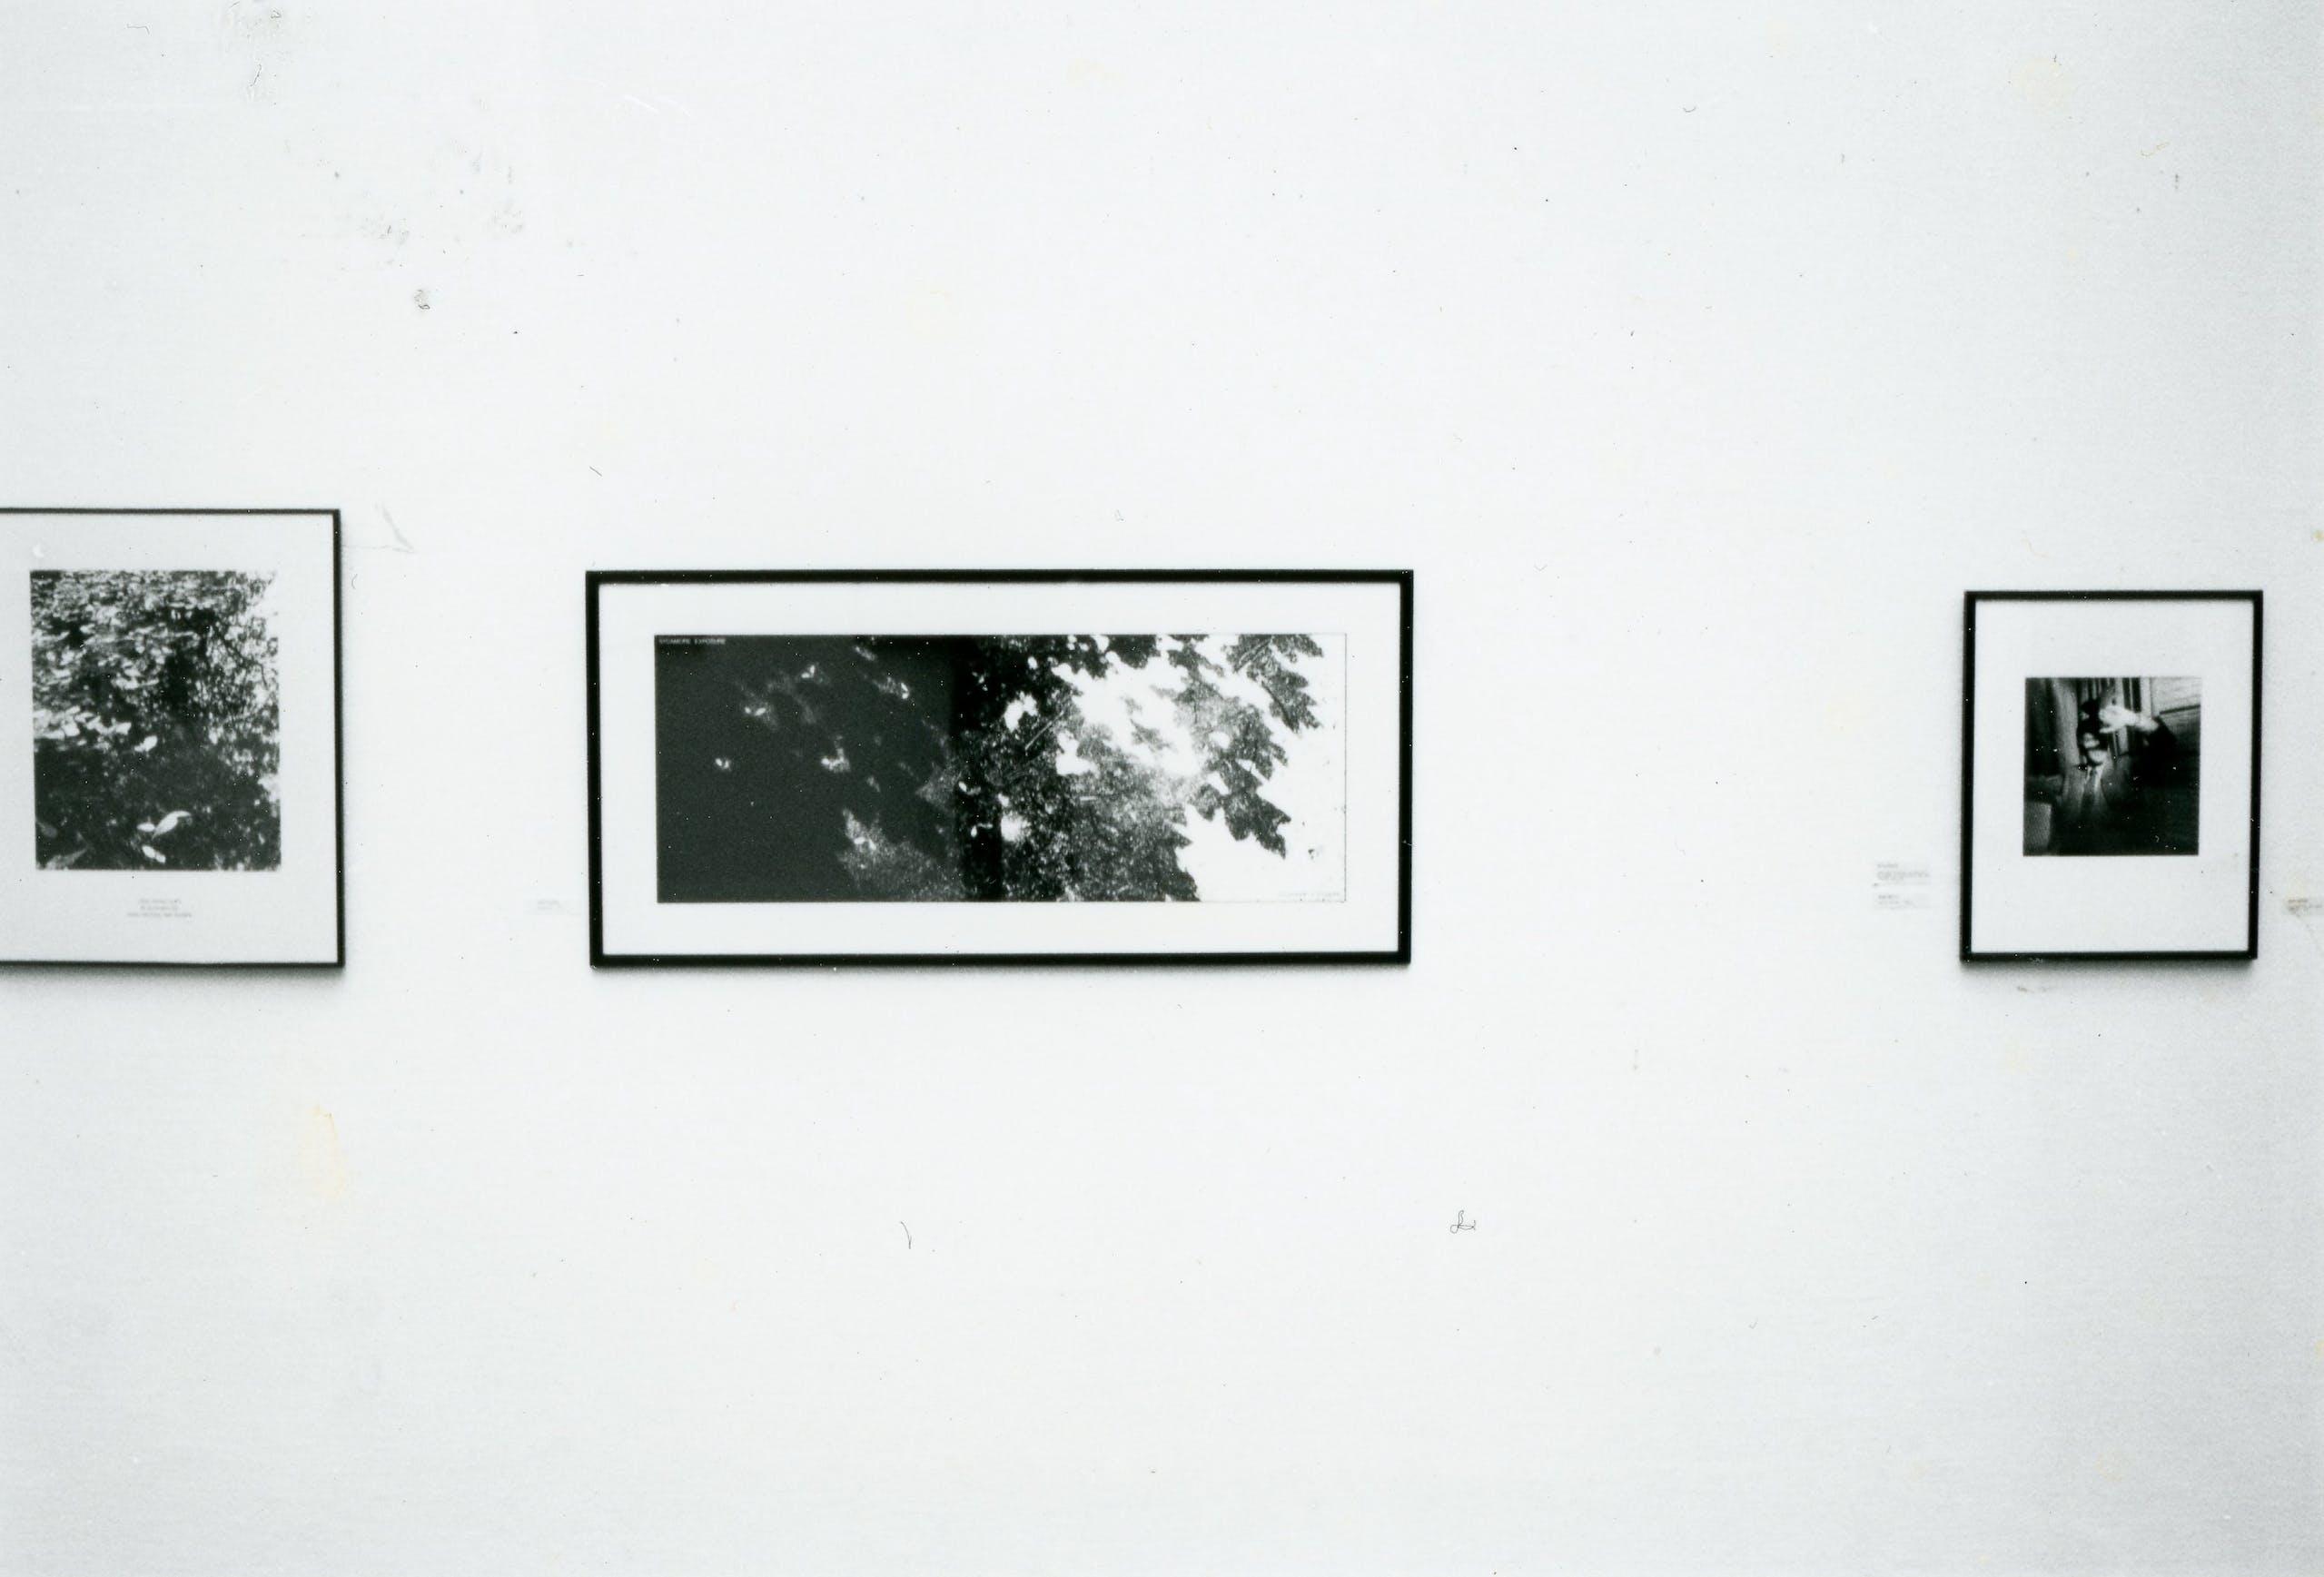 Fotoutstilling001